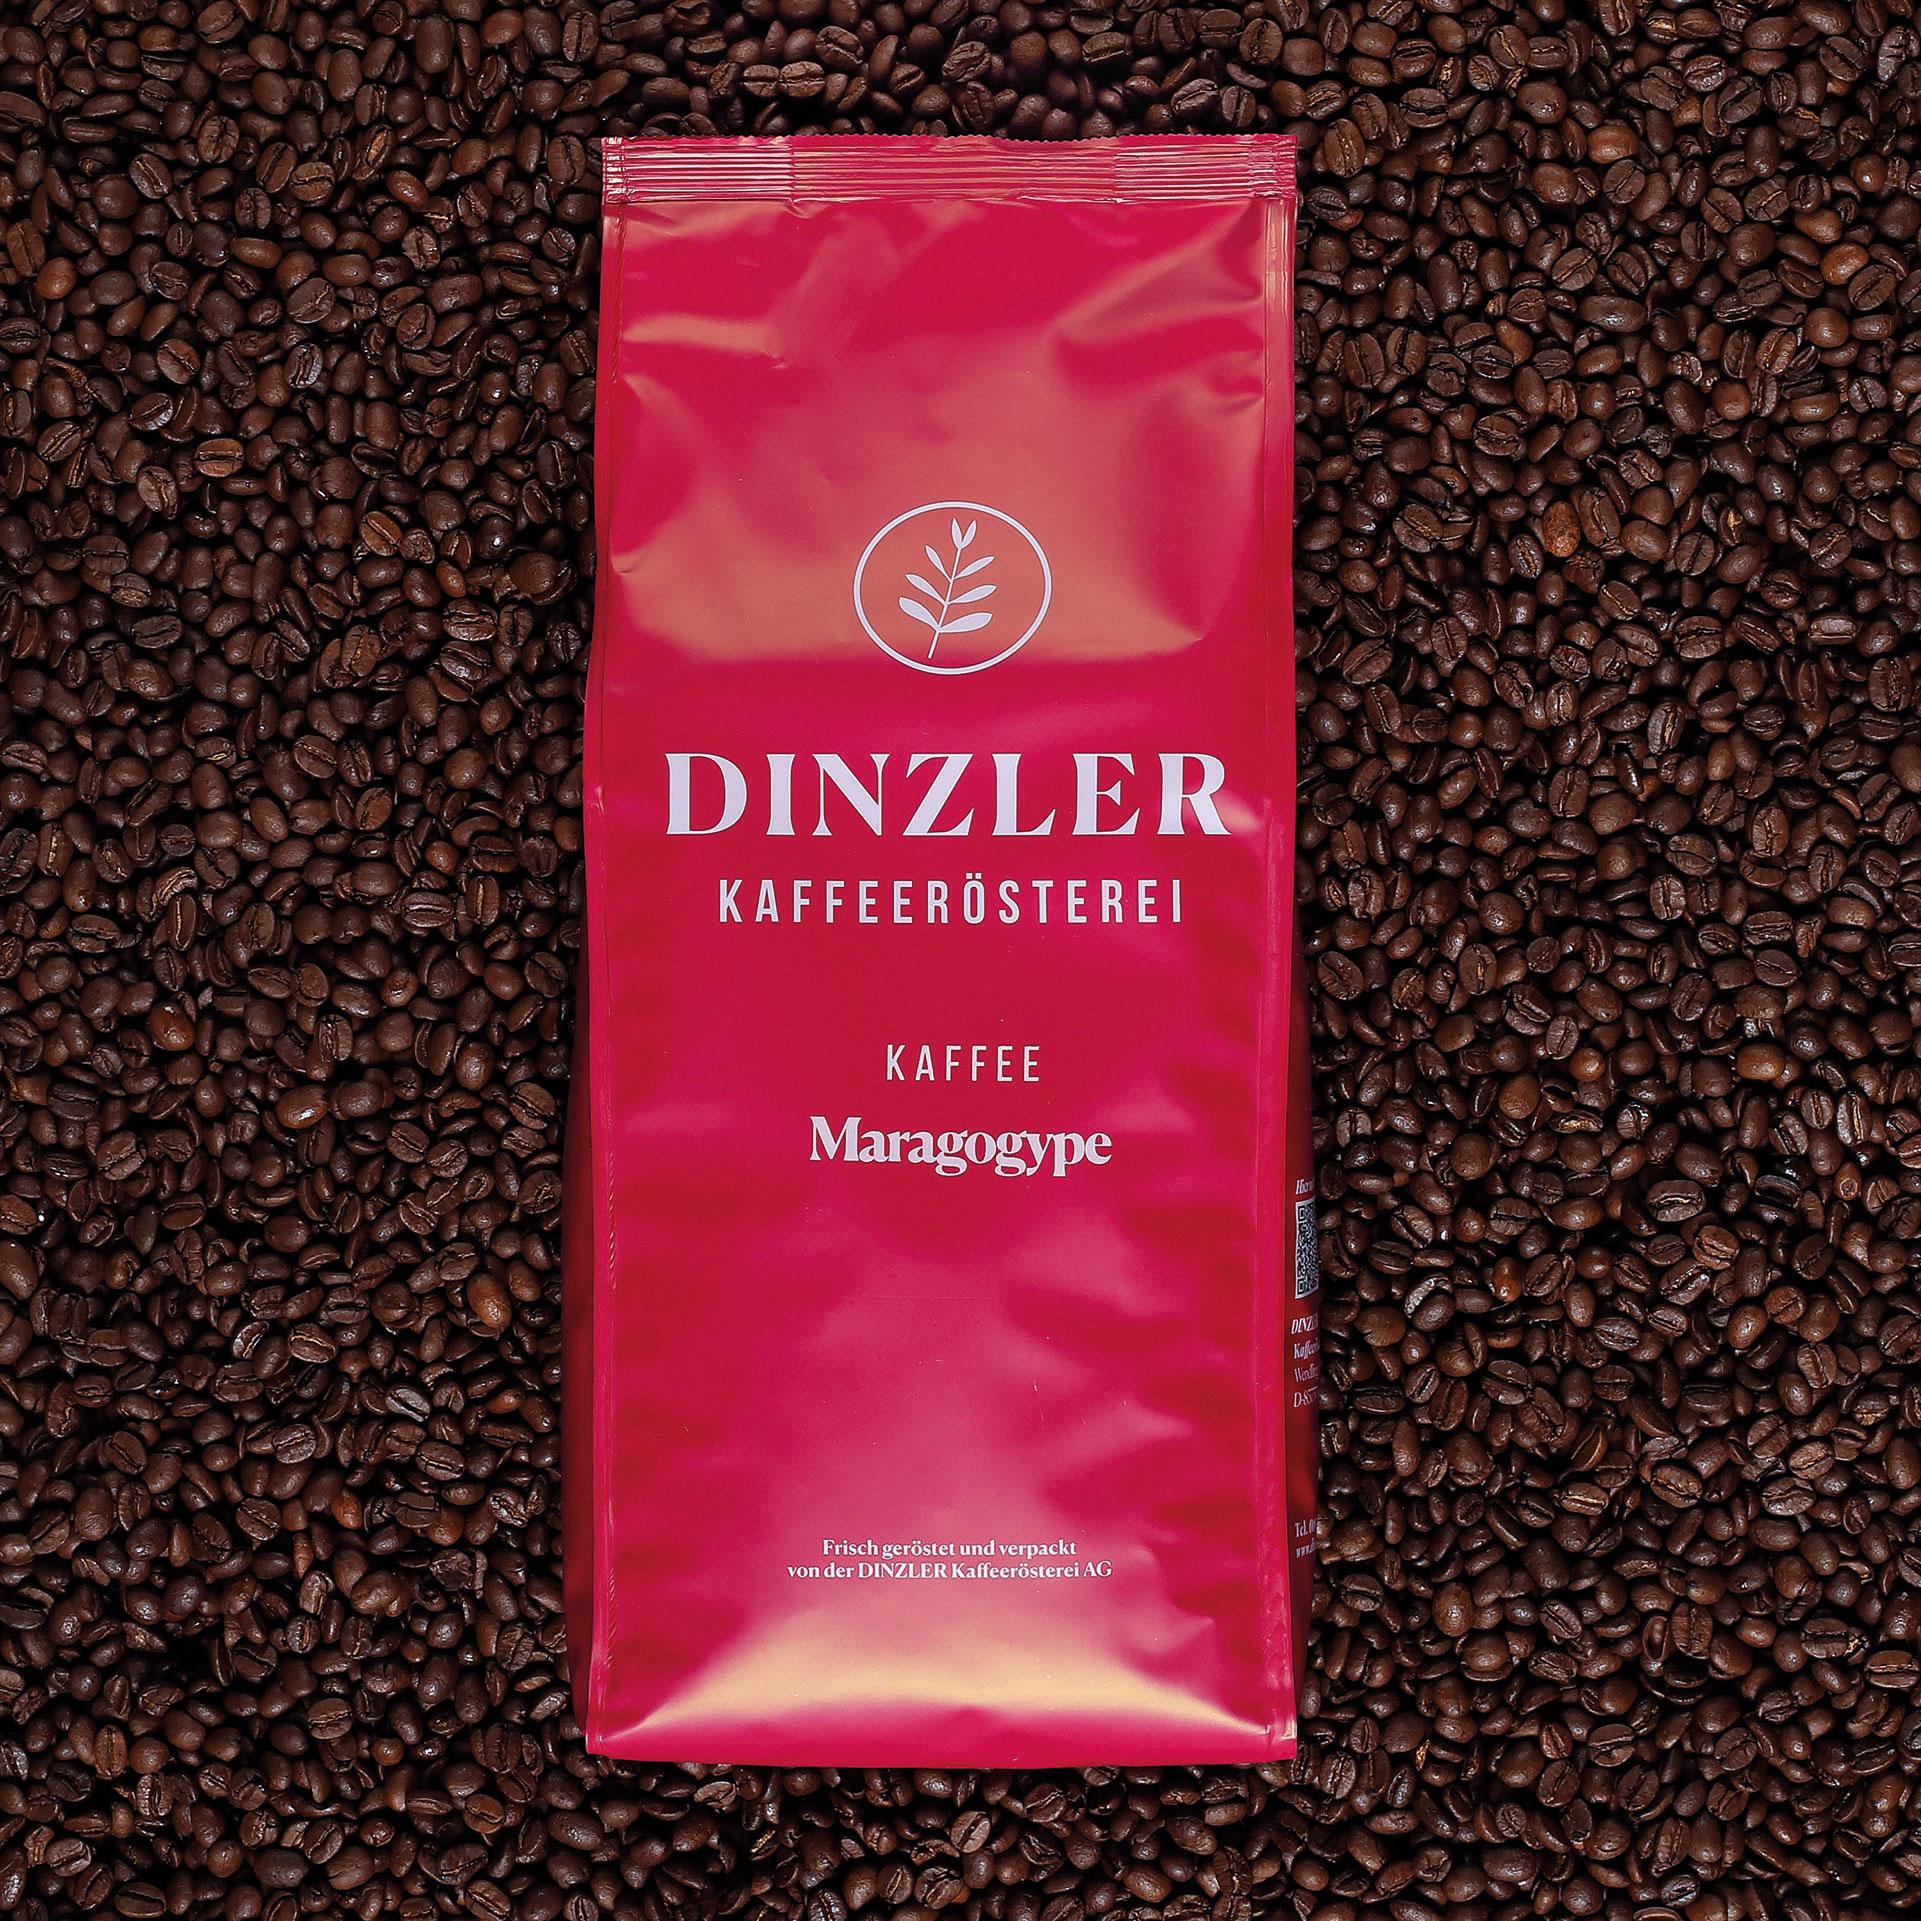 Kaffee Maragogype | DINZLER Shop